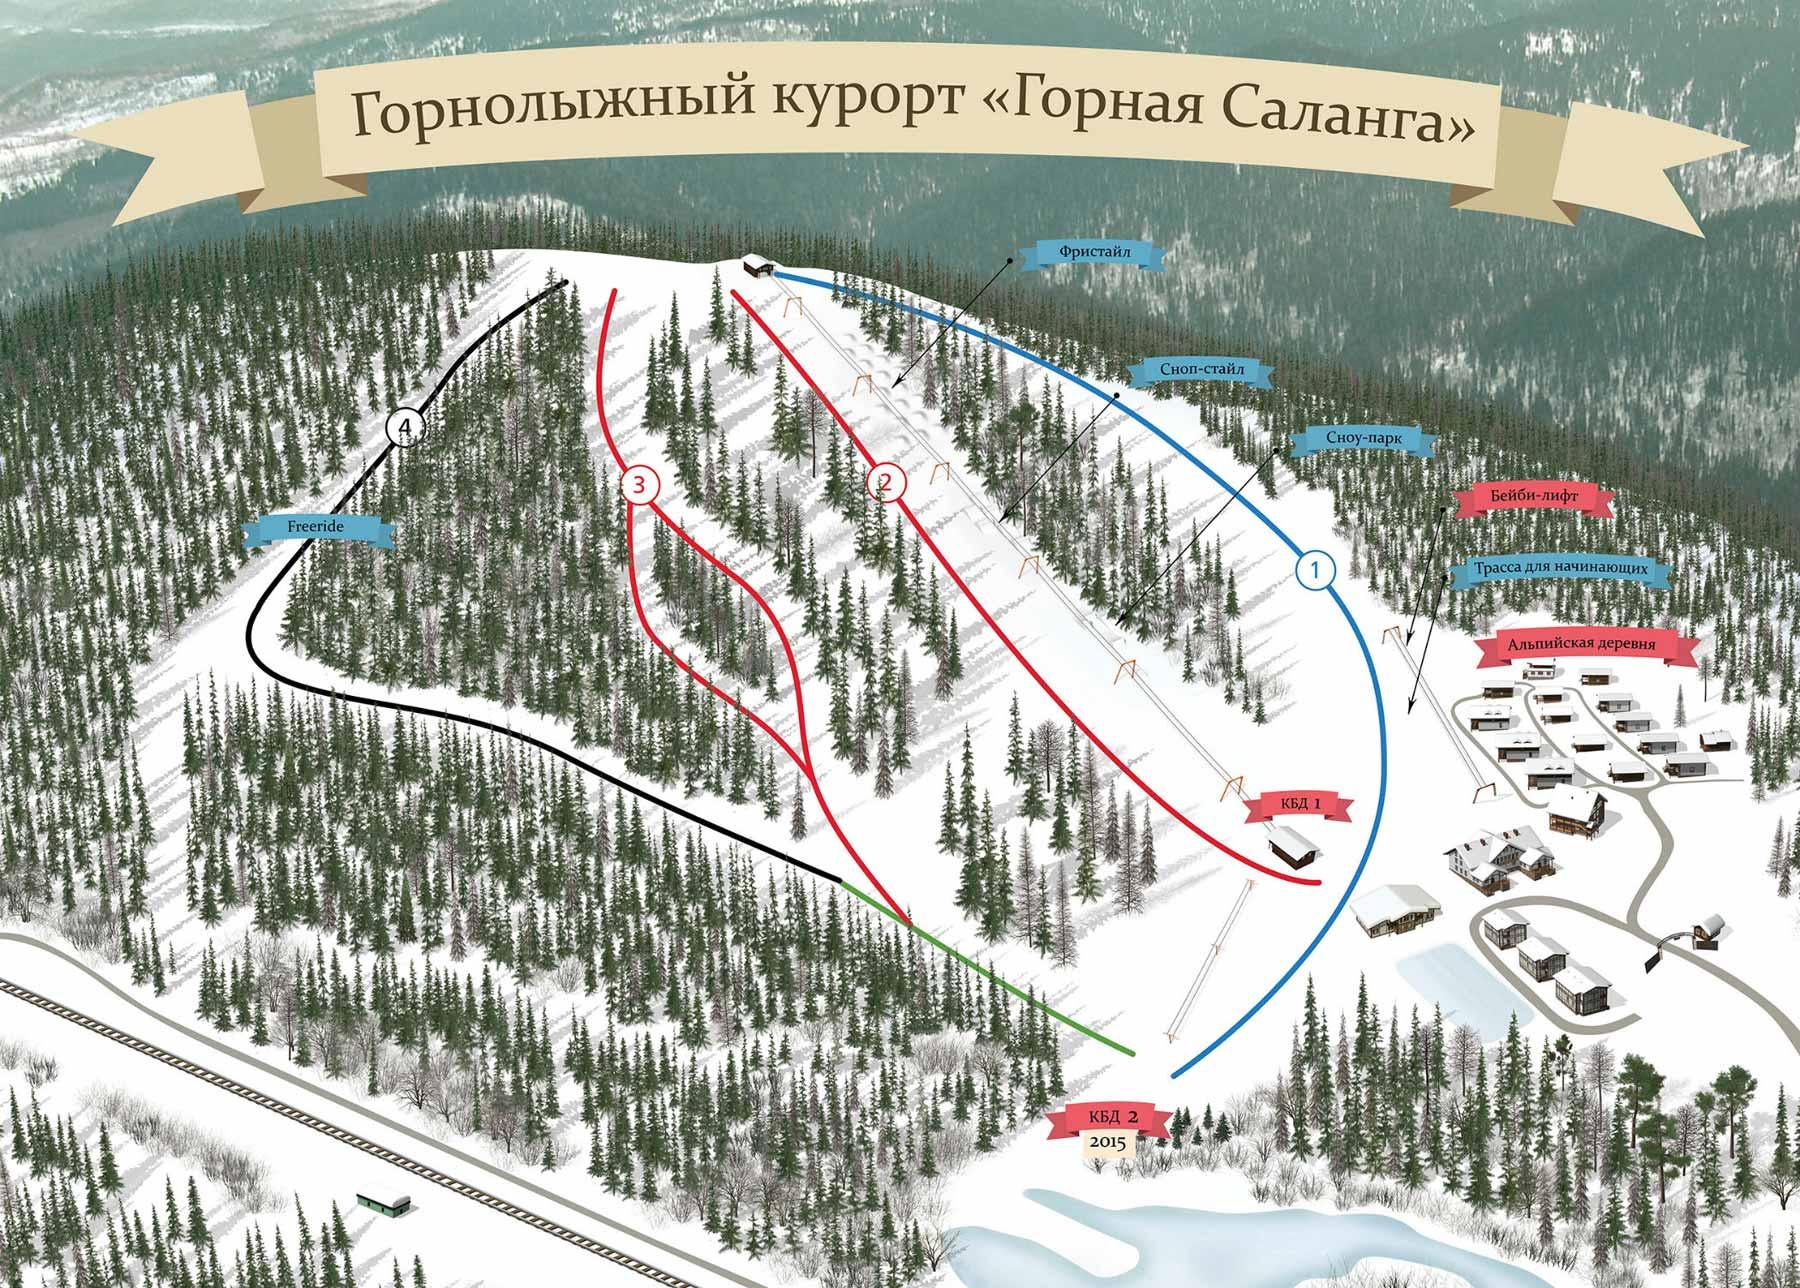 Гора ежовая схема трасс